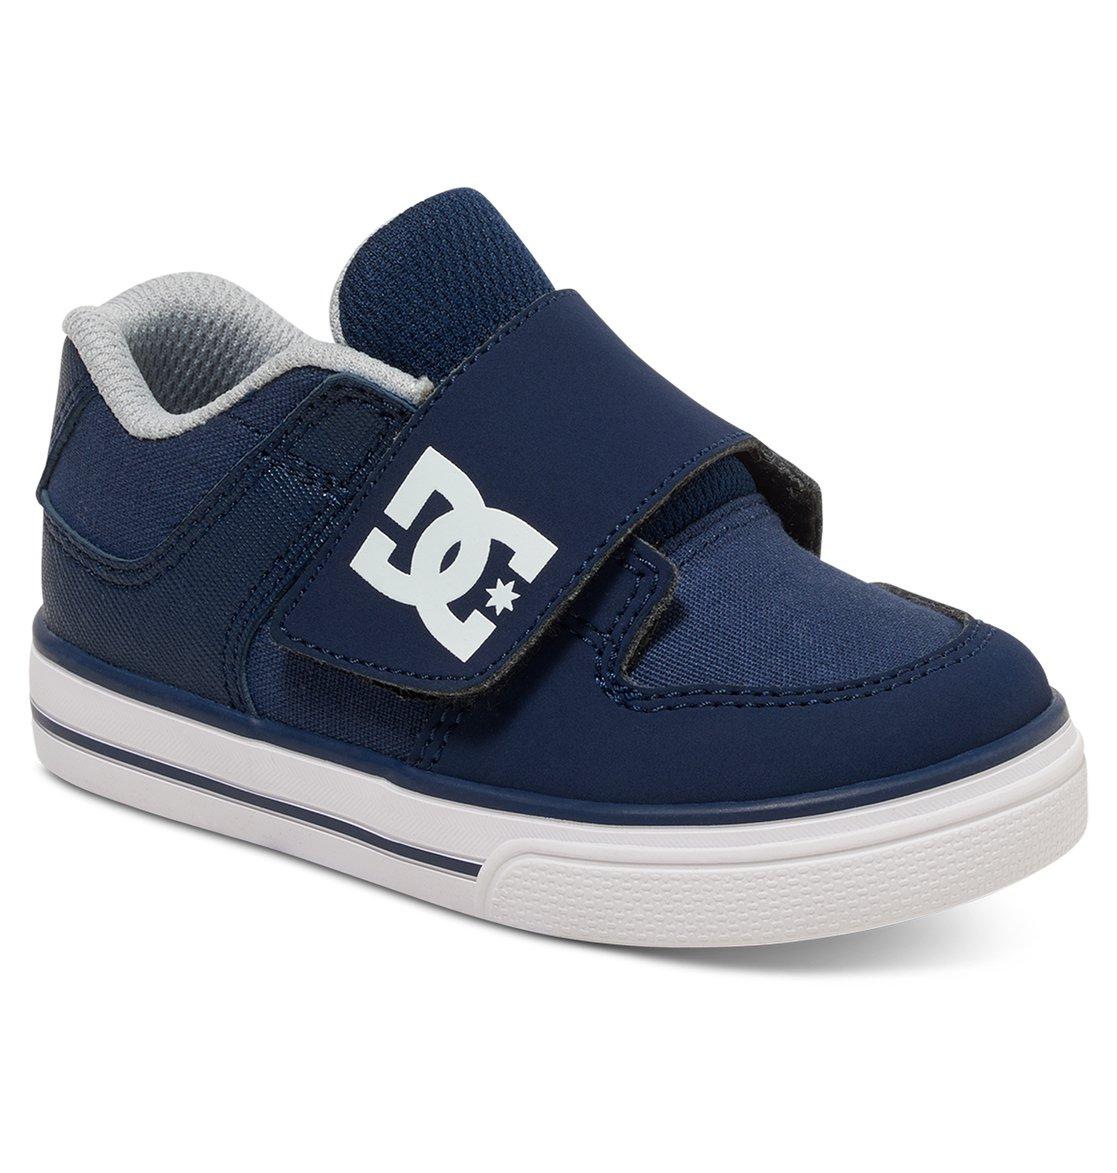 dc shoes toddler pure v shoes adts300022 ebay. Black Bedroom Furniture Sets. Home Design Ideas